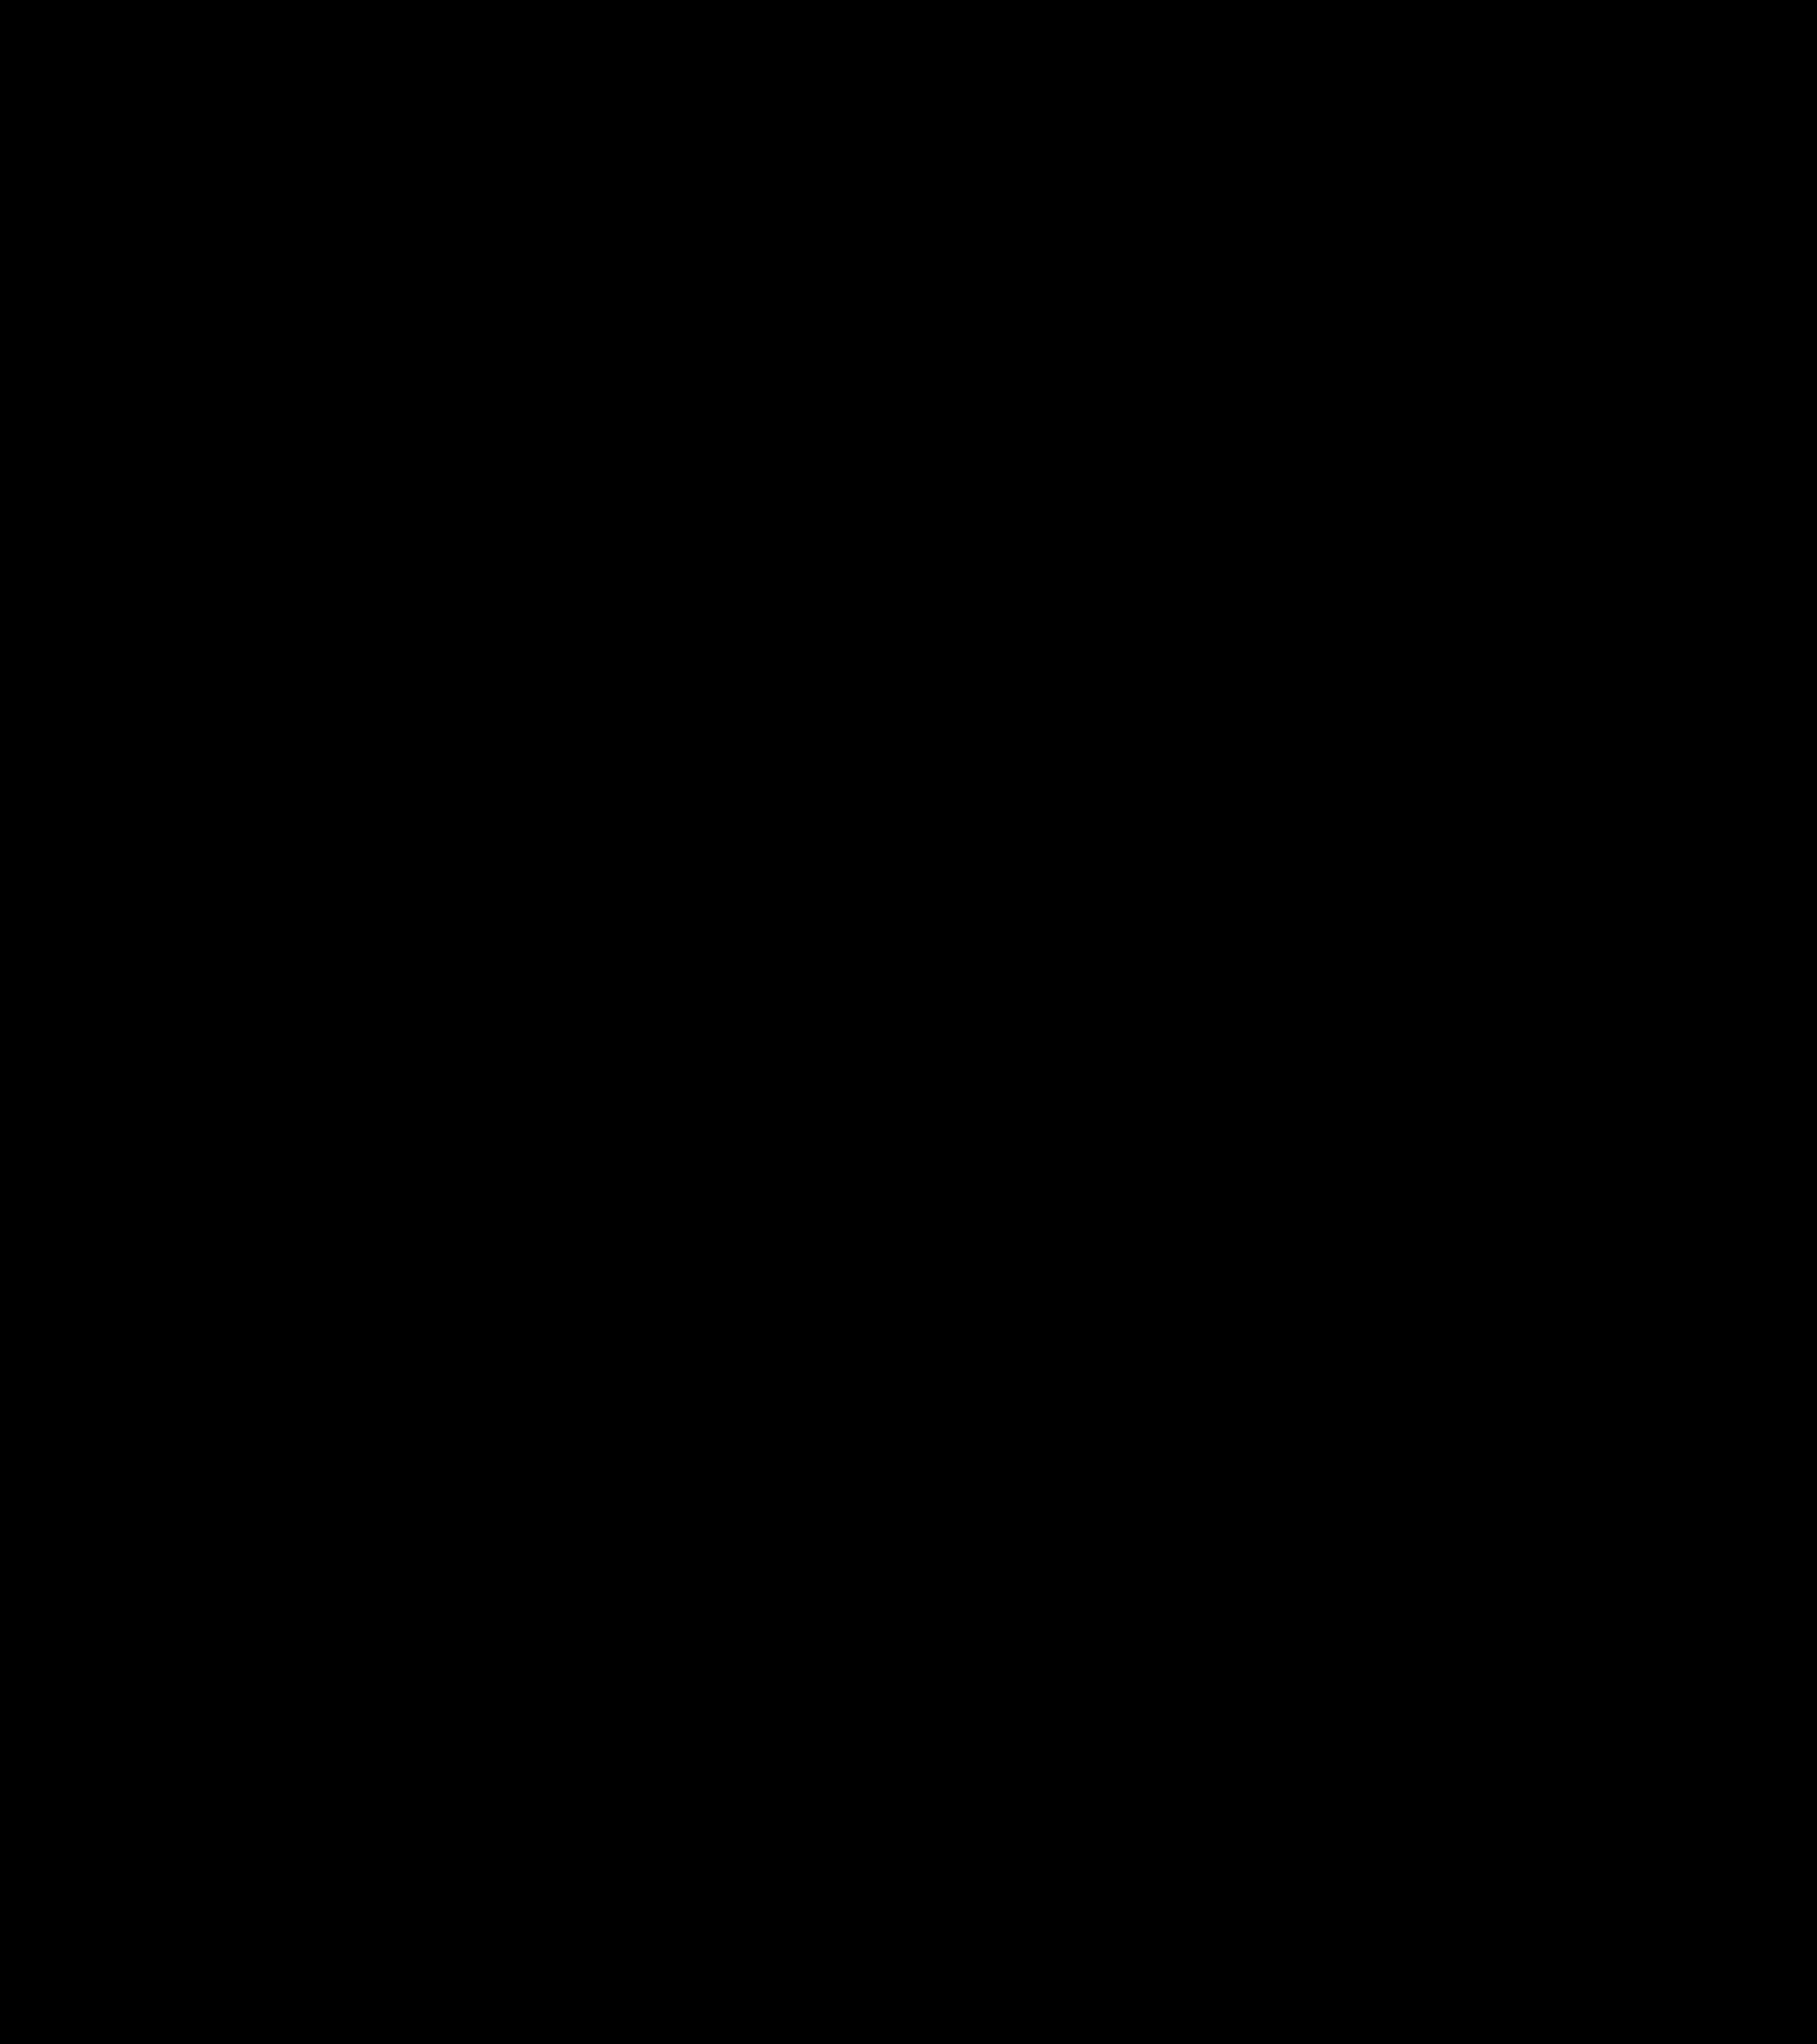 Разработка логотипа для компании Агротехника фото f_0265c02e1d73c3cd.jpg